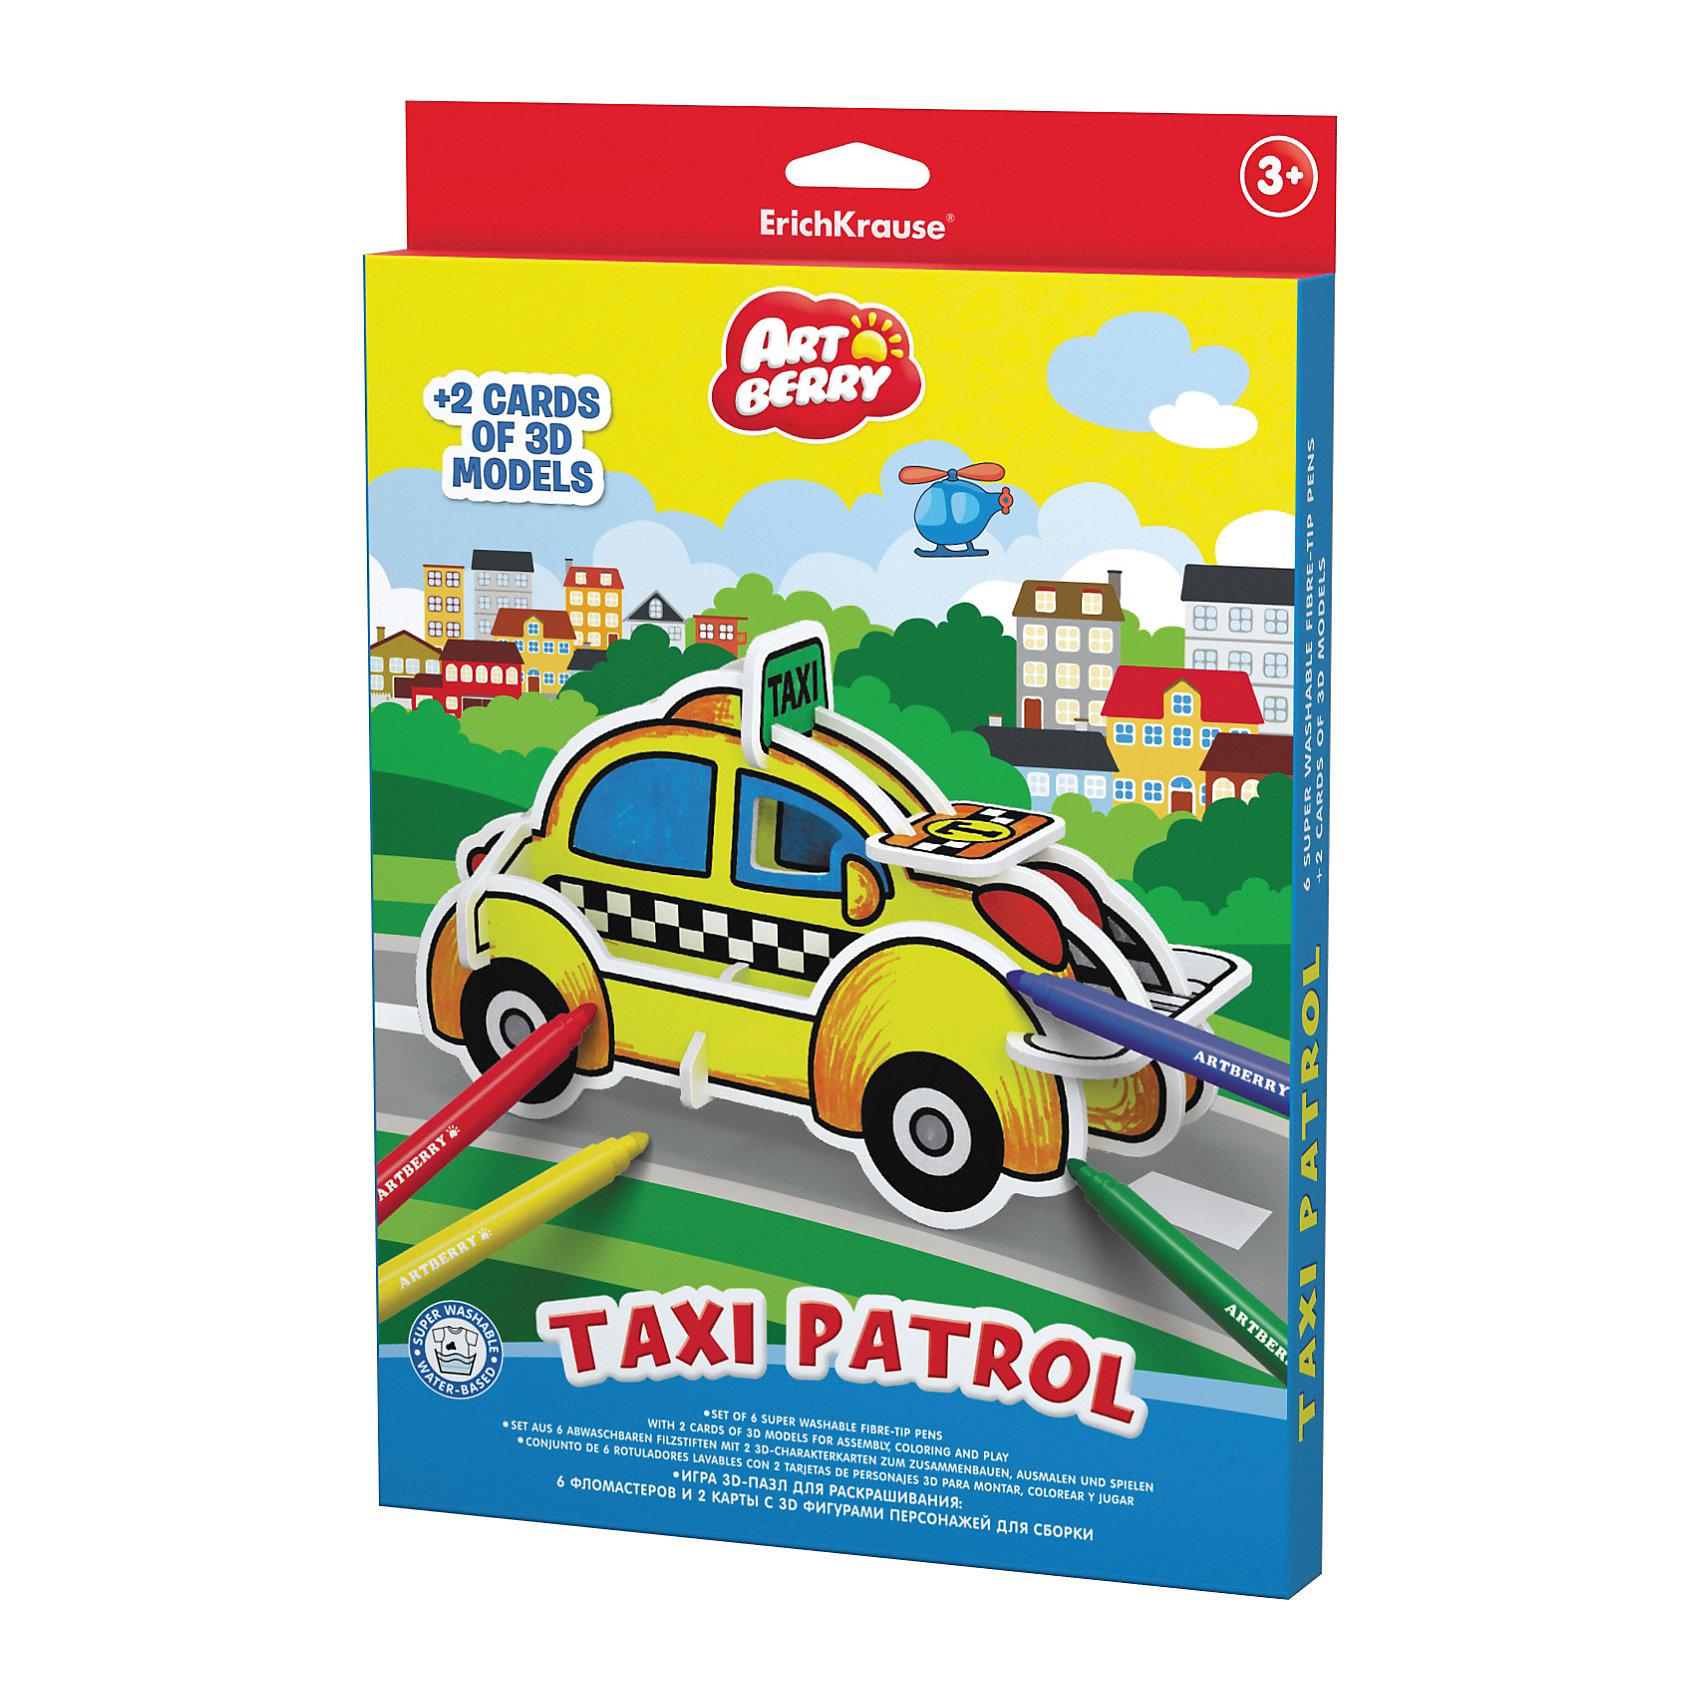 Erich Krause Игровой 3D пазл для раскрашивания Artberry Taxi Patrol (6 фломастеров+2 карты с фигурами для сборки)Рисование<br><br><br>Ширина мм: 310<br>Глубина мм: 210<br>Высота мм: 20<br>Вес г: 242<br>Возраст от месяцев: 36<br>Возраст до месяцев: 72<br>Пол: Унисекс<br>Возраст: Детский<br>SKU: 6878871